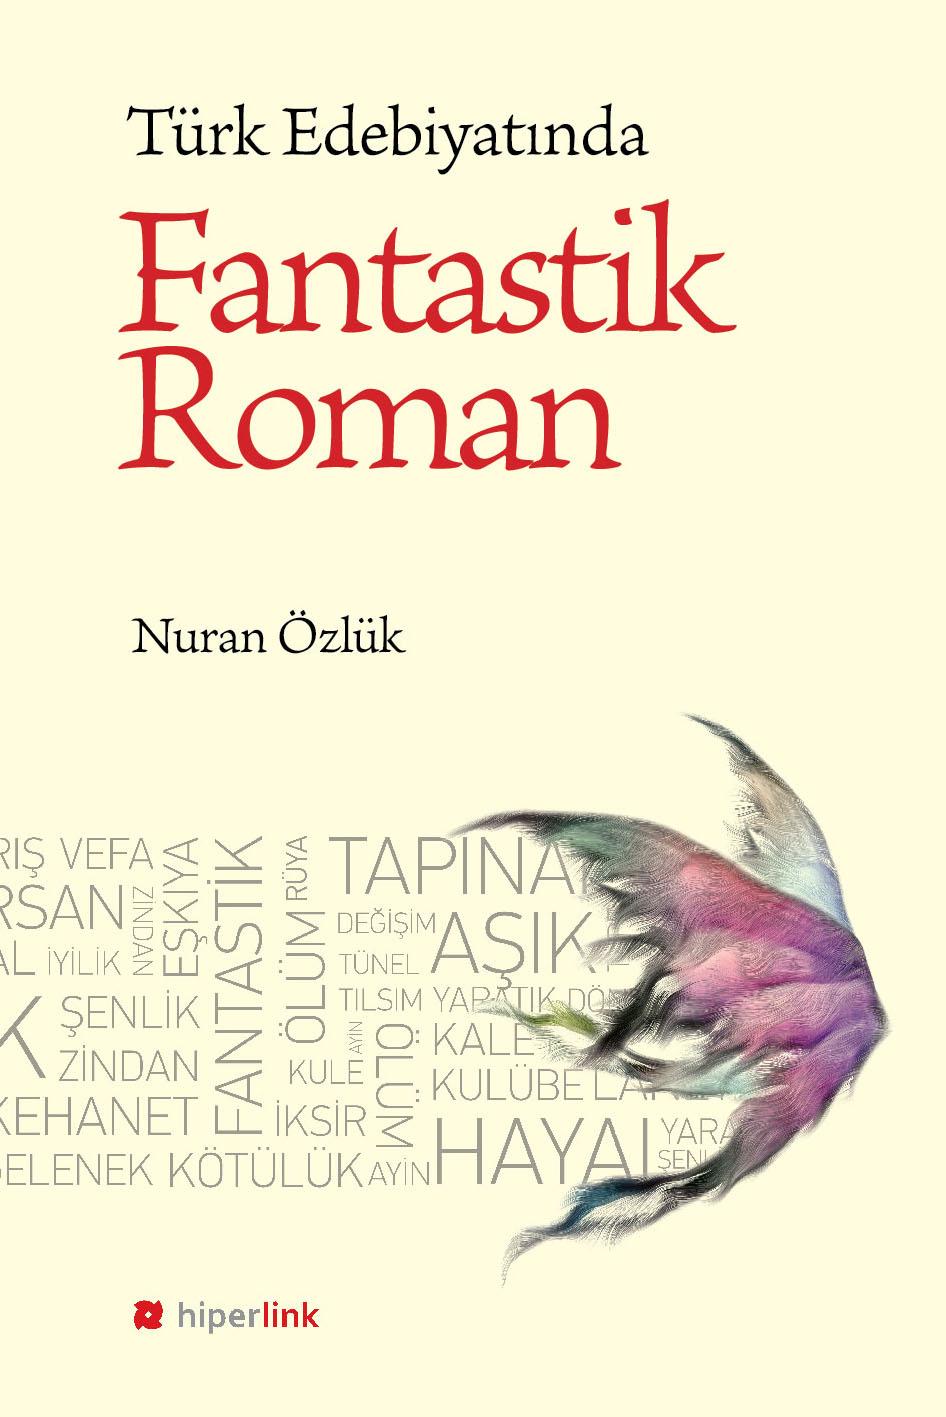 turk_edebiyatinda_fantastik_roman